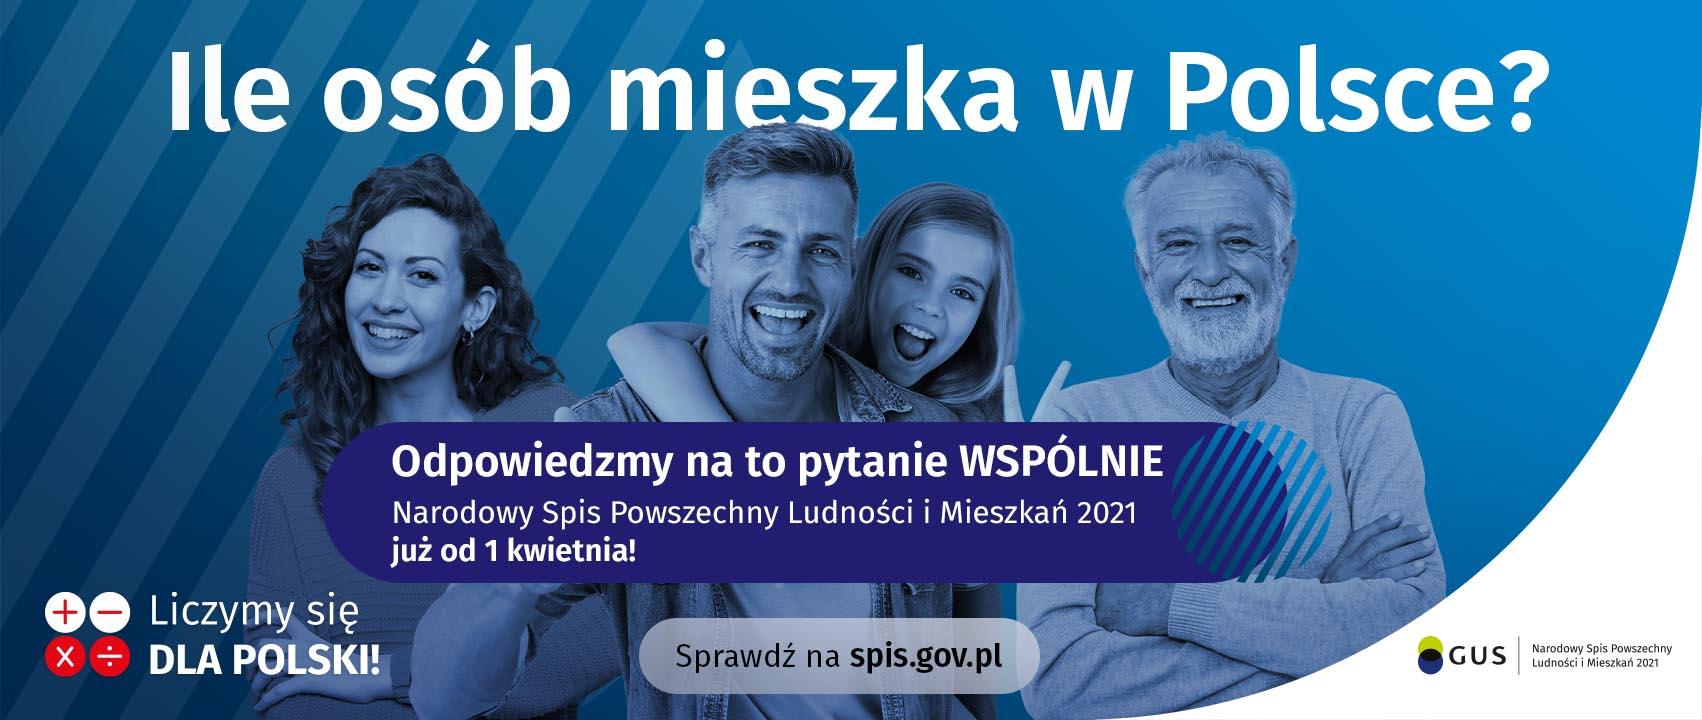 Grafika z napisem o treści Ile osób mieszka w Polsce, odpowiedzmy na to pytanie wspólnie. Sprawdź na spis.gov.pl